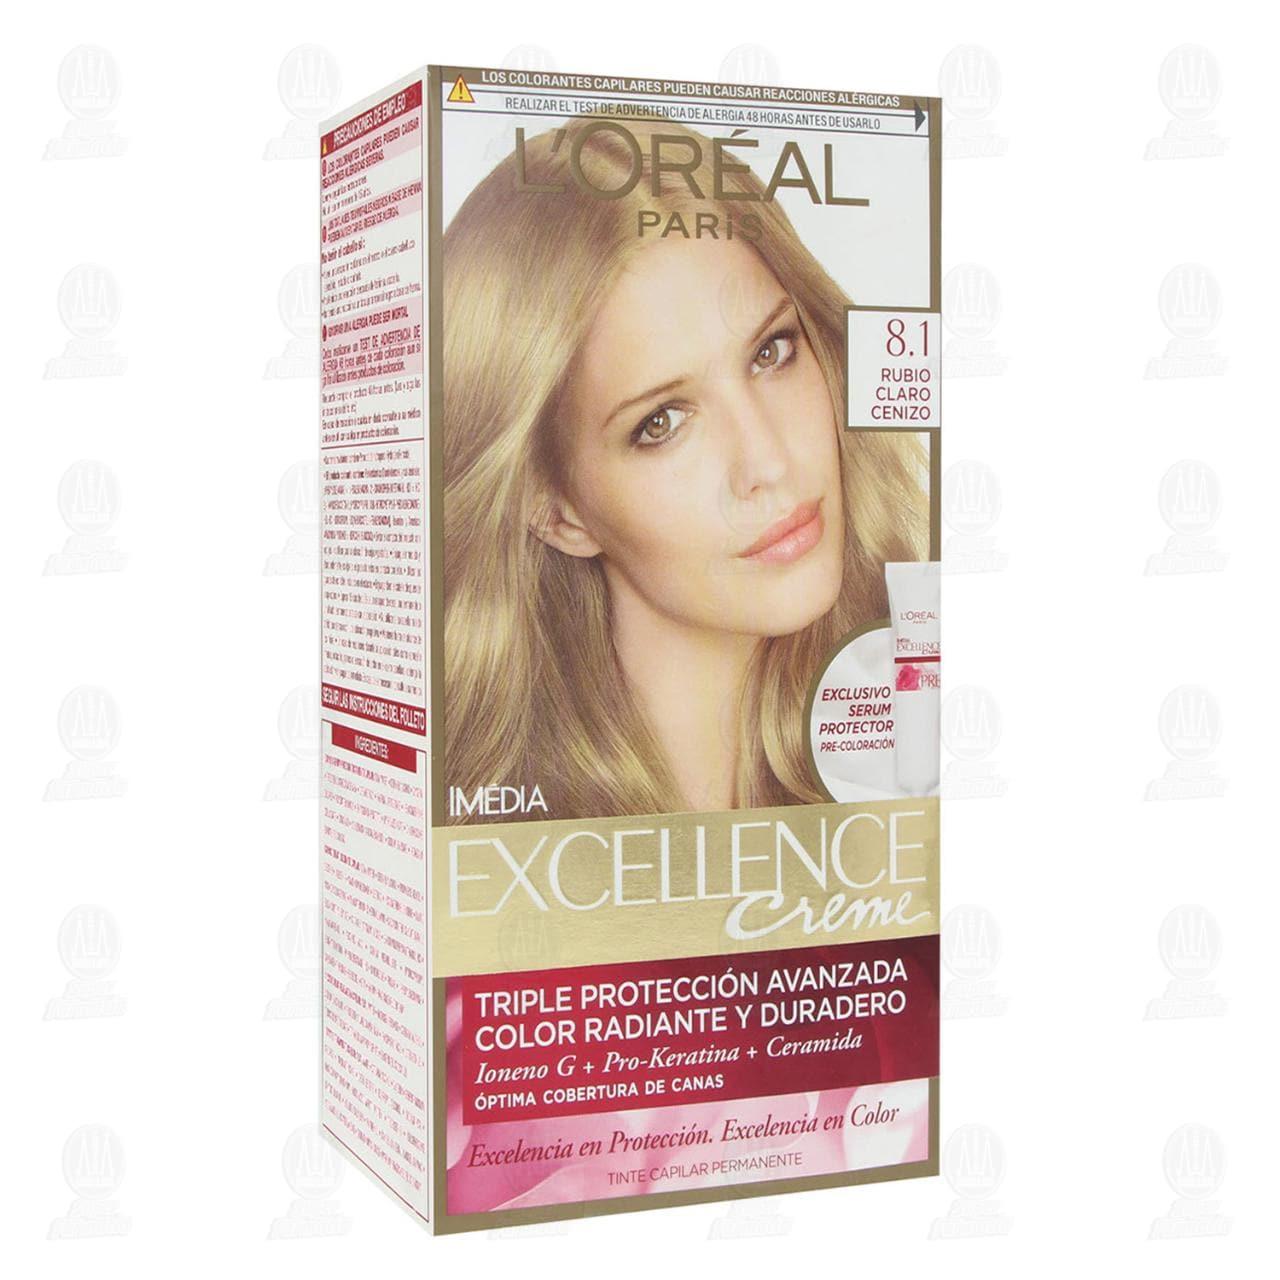 comprar https://www.movil.farmaciasguadalajara.com/wcsstore/FGCAS/wcs/products/171182_A_1280_AL.jpg en farmacias guadalajara